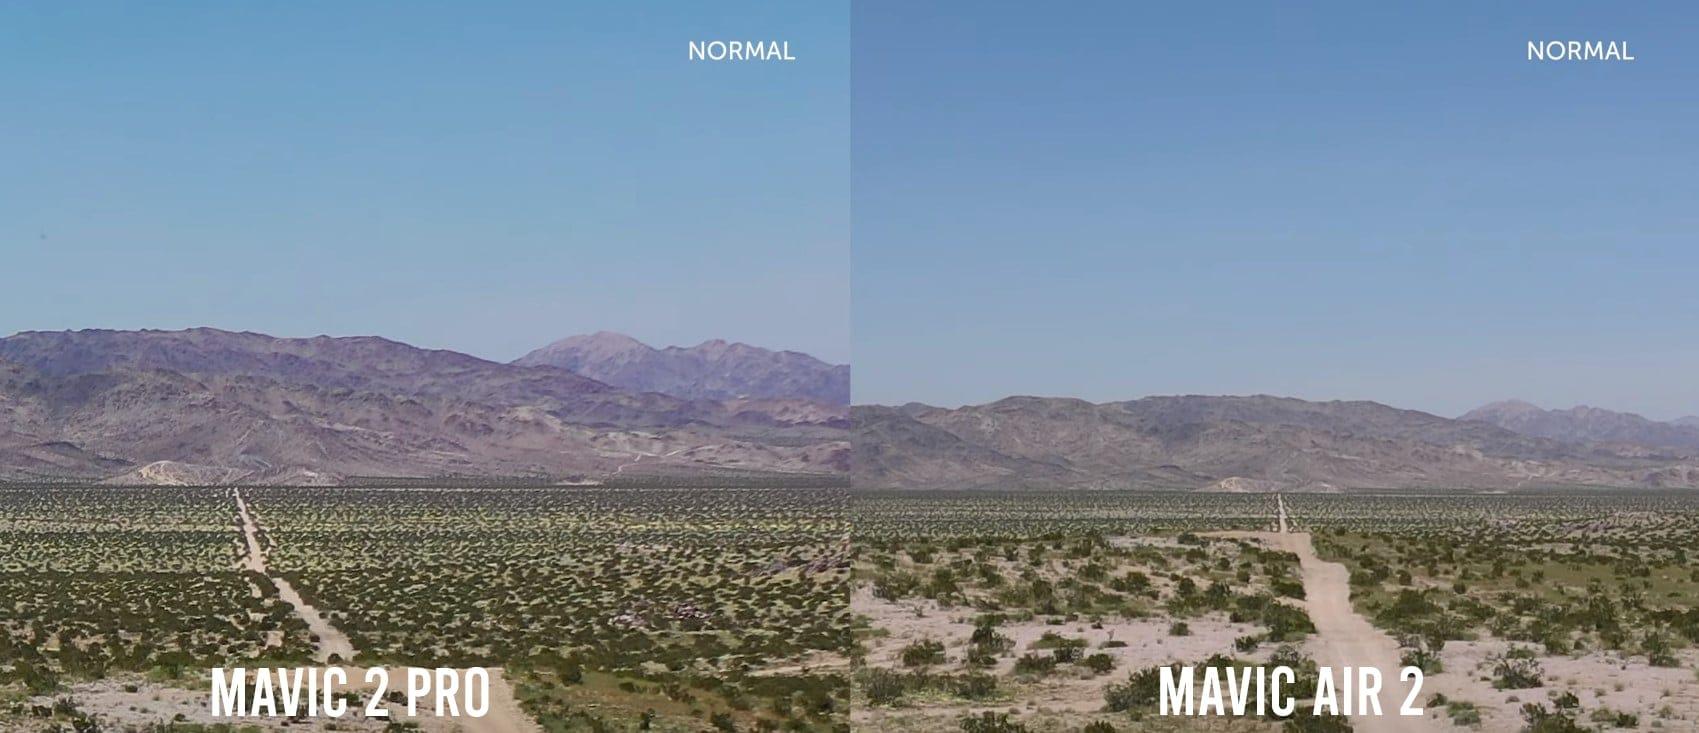 mavic air 2 vs mav 2 pro shot comparison